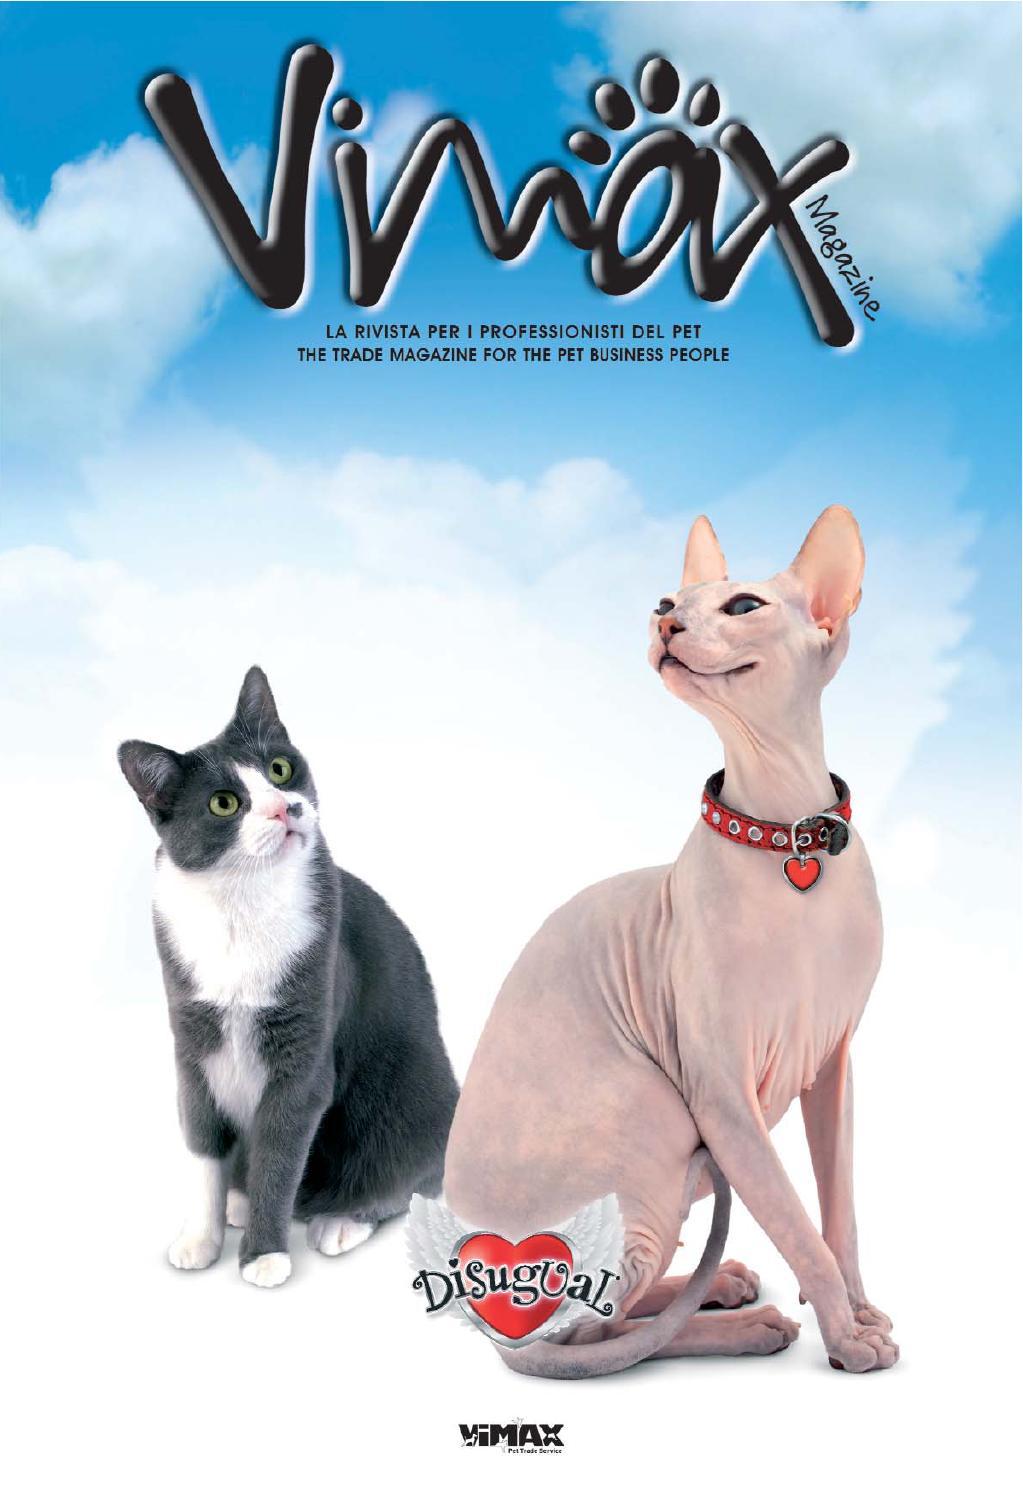 Cat Supplies Mangiatoia Con Riserva Per Acqua Per Cani E Gatti Record Durable Service